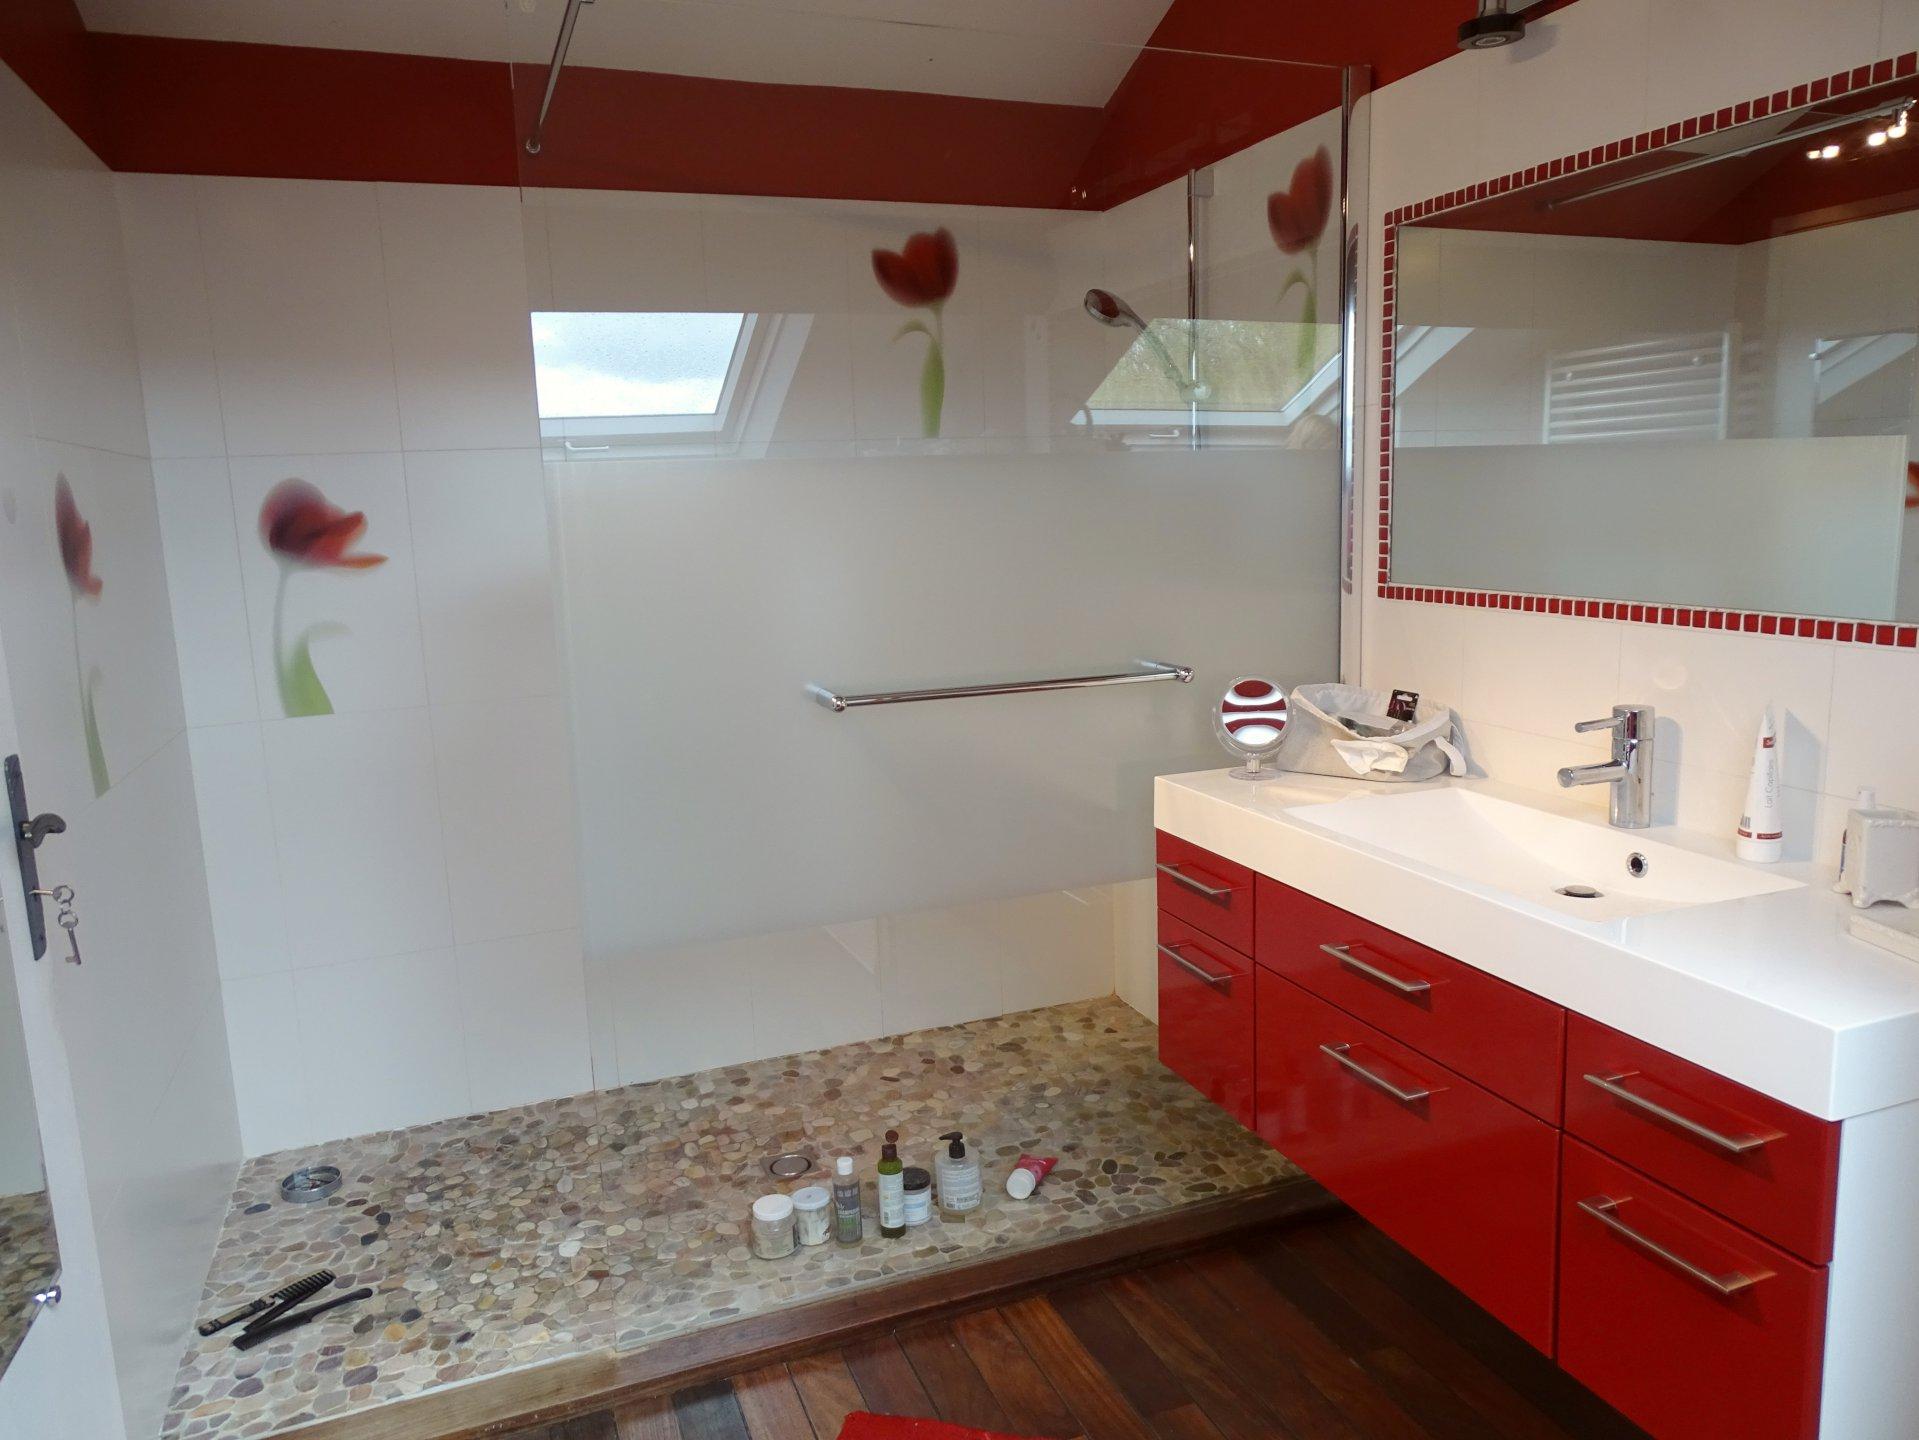 SOUS COMPROMIS DE VENTE A 7 min de Feillens, proche accès autoroute, au calme absolu, venez découvrir cette belle ferme bressanne rénovée d'une surface de 170 m² habitable. Cette maison se compose d'une cuisine équipée, un bel espace salle à manger, deux salons, quatre chambres, une salle de bains (douche et baignoire), une salle d'eau, 2 toilettes, une buanderie ainsi qu'un bureau. Vous serez séduits par sa rénovation de qualité, ses grandes ouvertures et ses nombreux rangements. Maison très lumineuse sans vis à vis. Un garage ainsi qu'une dépendance complètent ce bien. Le tout est implanté sur un terrain clos de 6 690 m² avec piscine. Honoraires à la charge du vendeur.